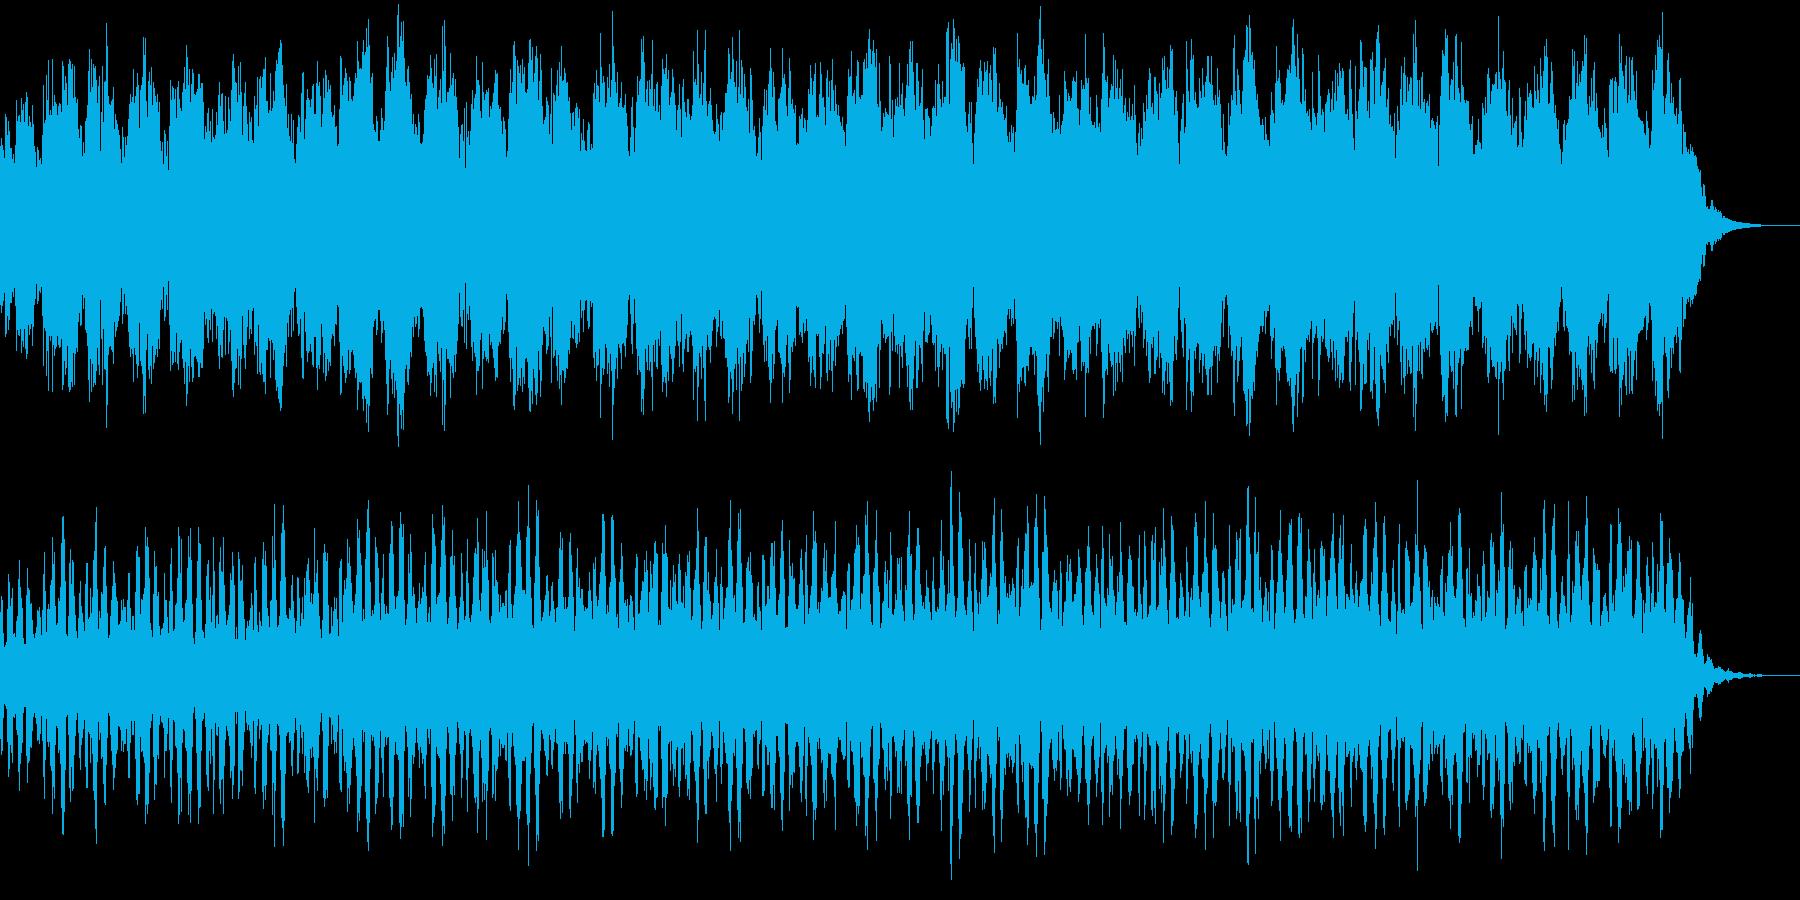 生命誕生のBGMに!の再生済みの波形